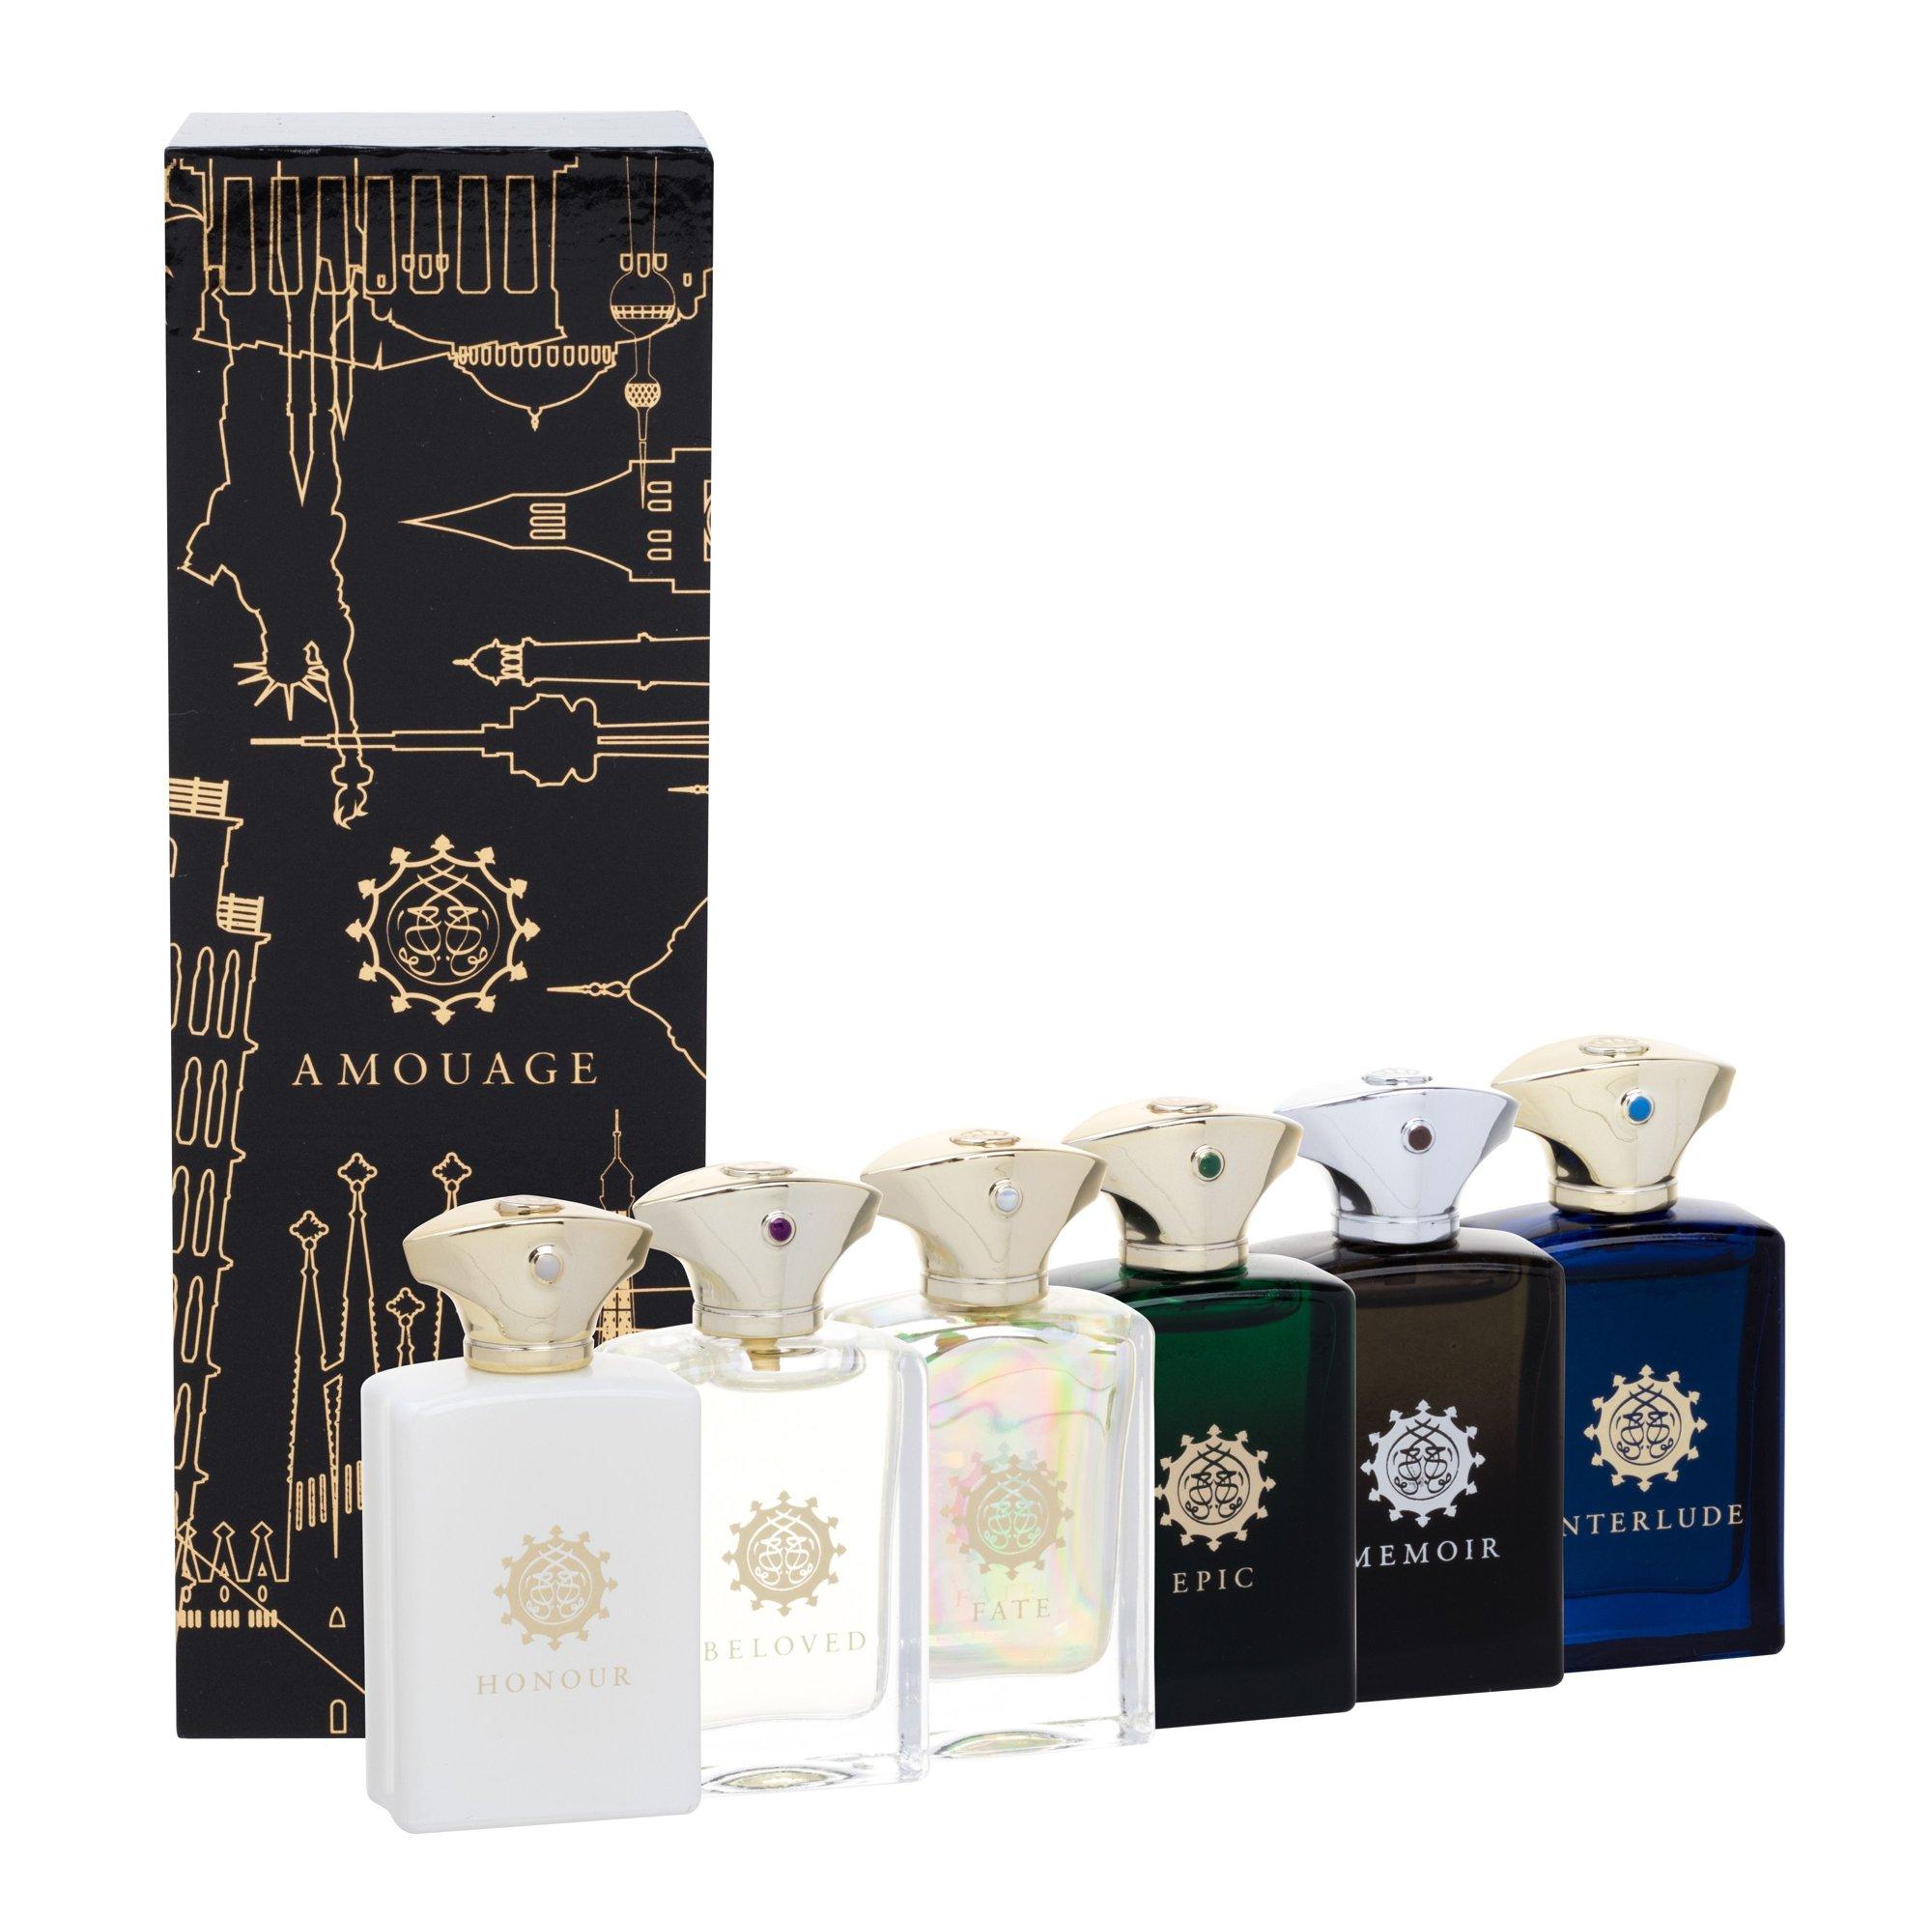 Amouage Mini Set Eau de Parfum 45ml